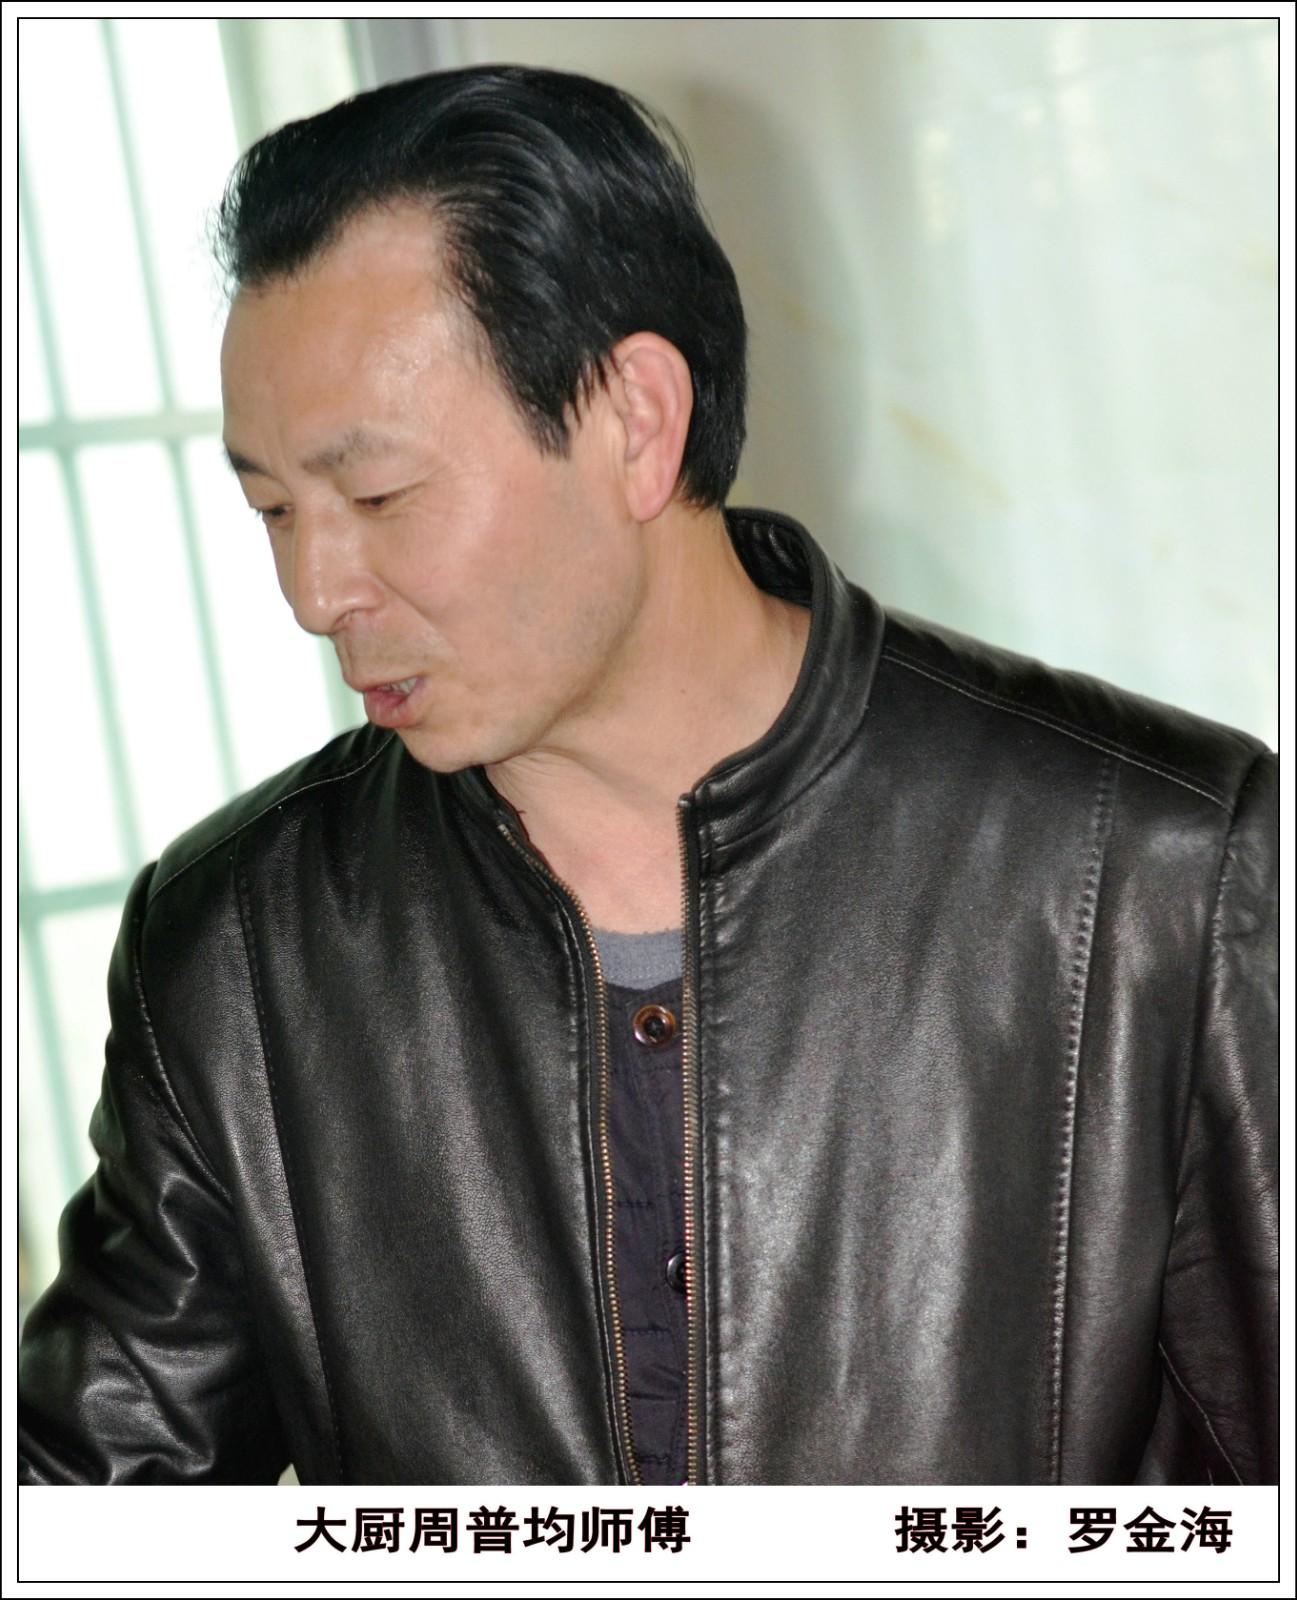 贺诗晗的满月酒(七律)_图1-6